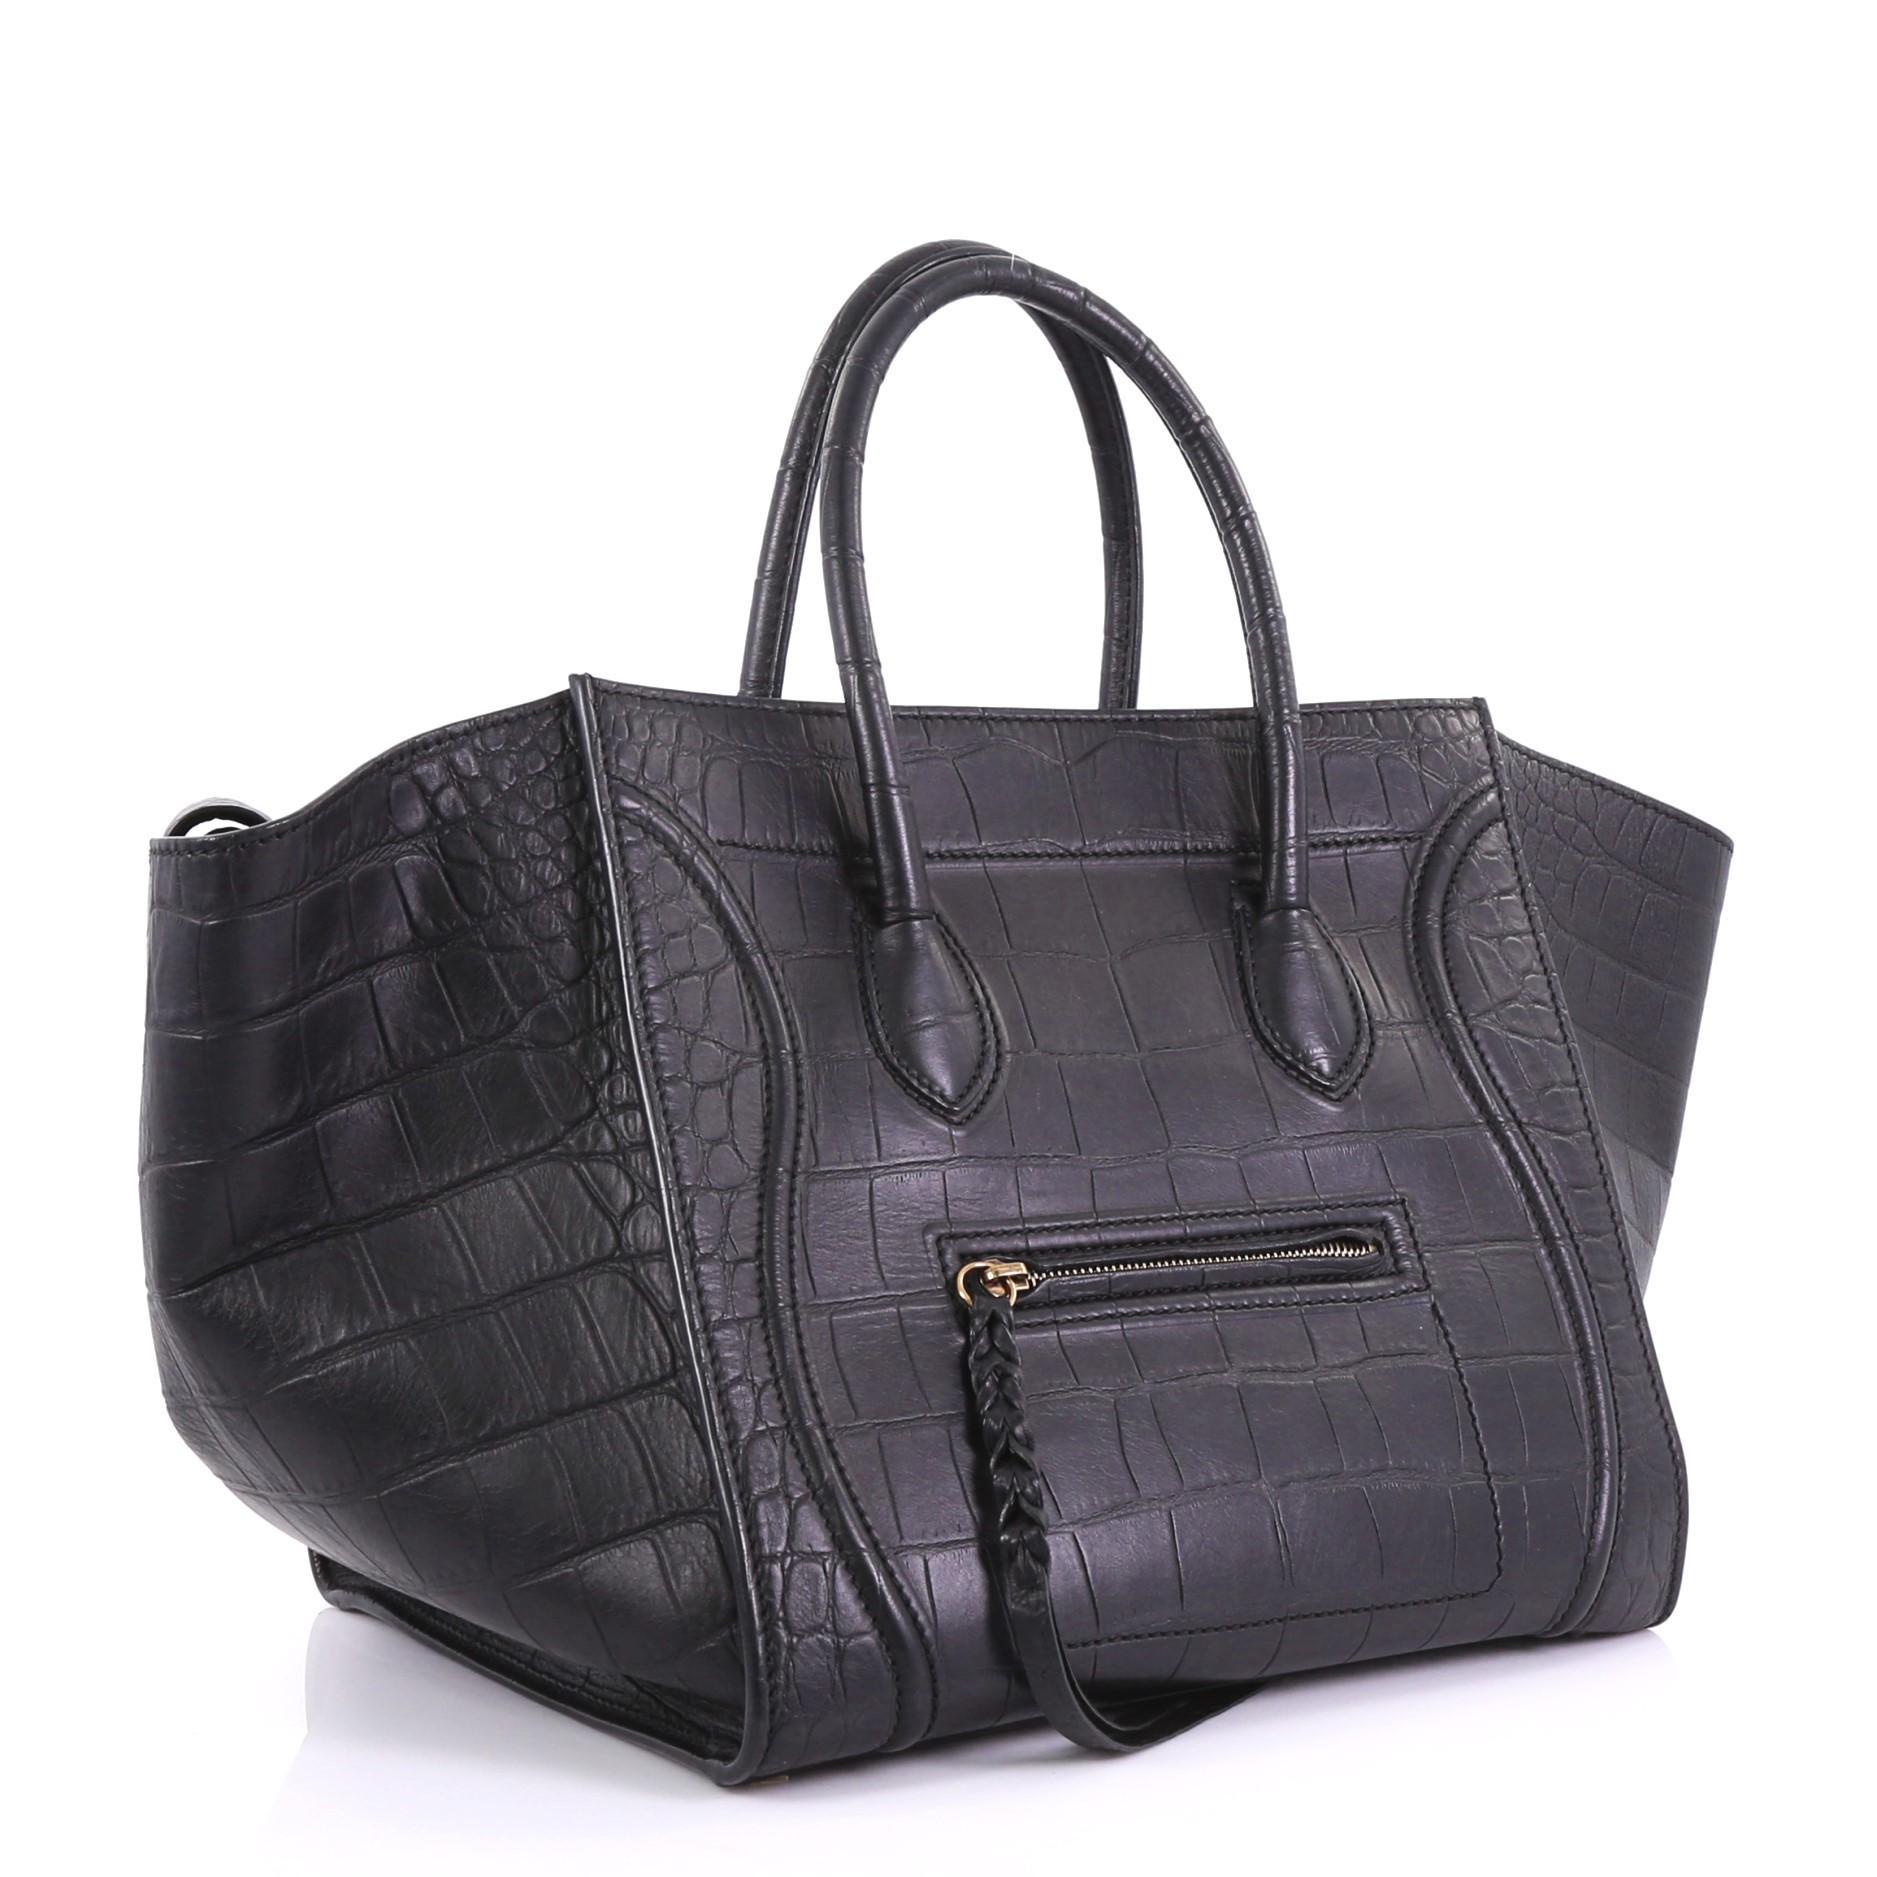 04d30ca98c Celine Phantom Handbag Crocodile Embossed Leather Medium at 1stdibs